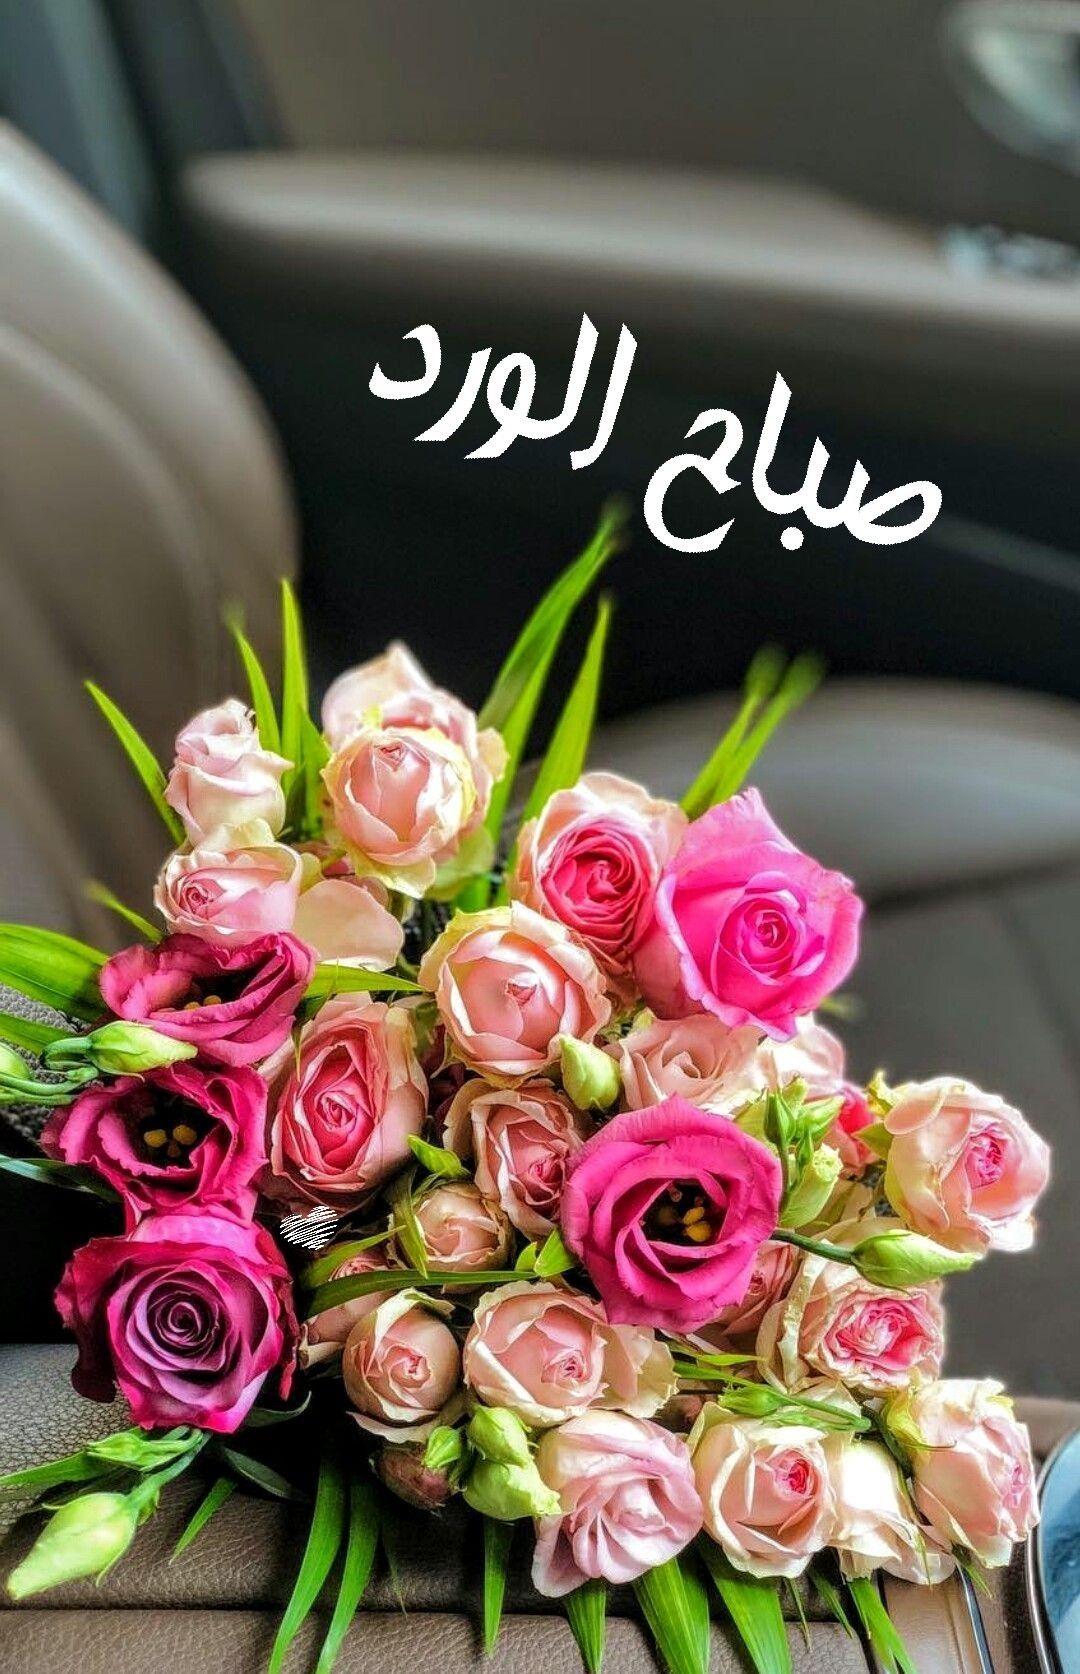 صباح الورد (With images) Hanging flowers, Floral